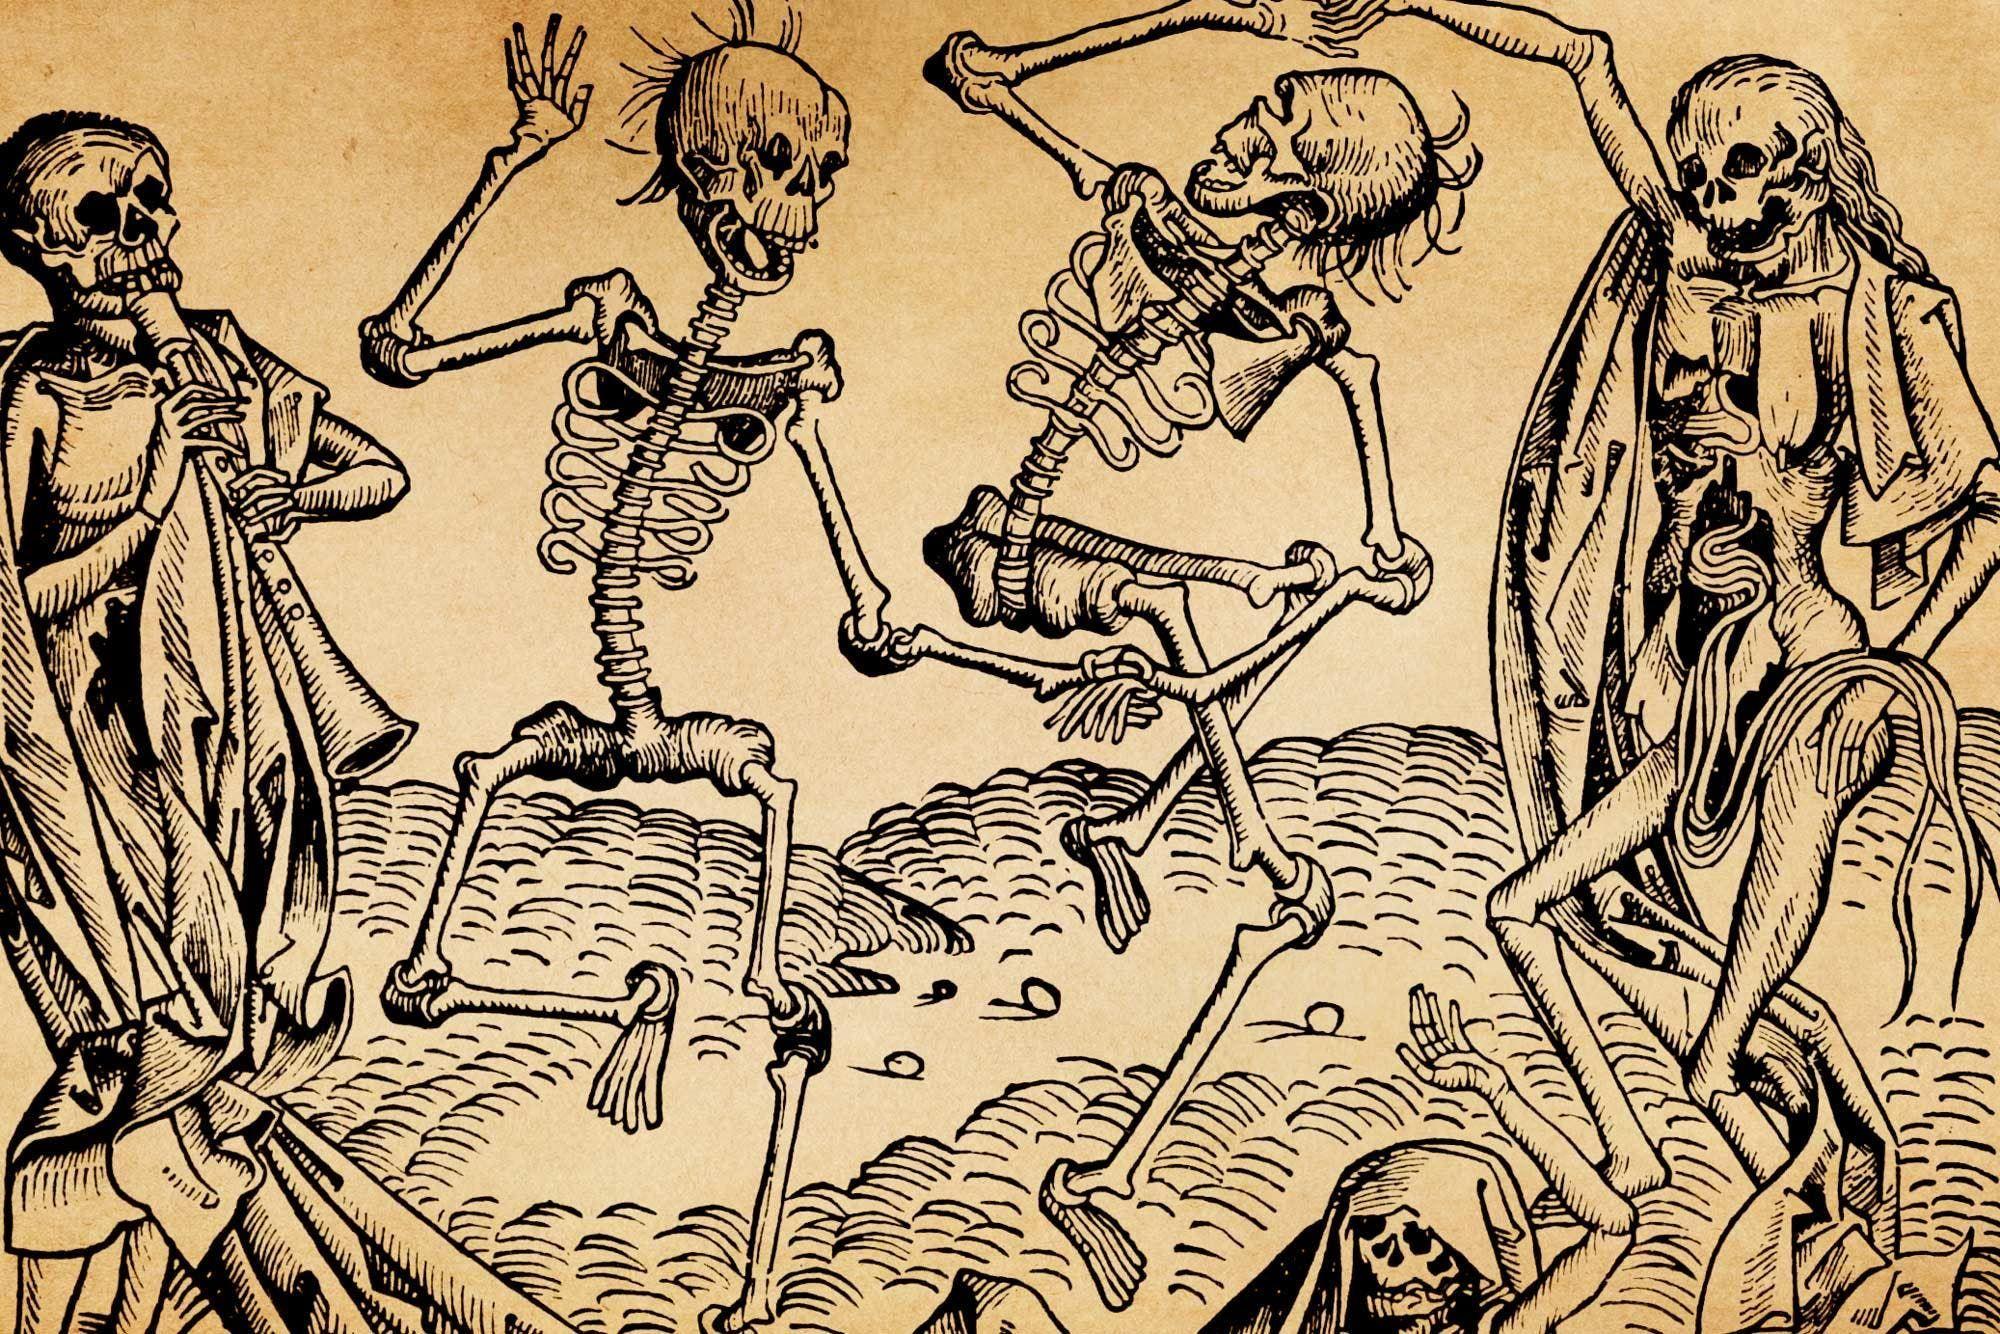 لوحة بعنوان رقصة الموت اقتبست من انتشار الطاعون الأسود بالقرن الرابع عشر